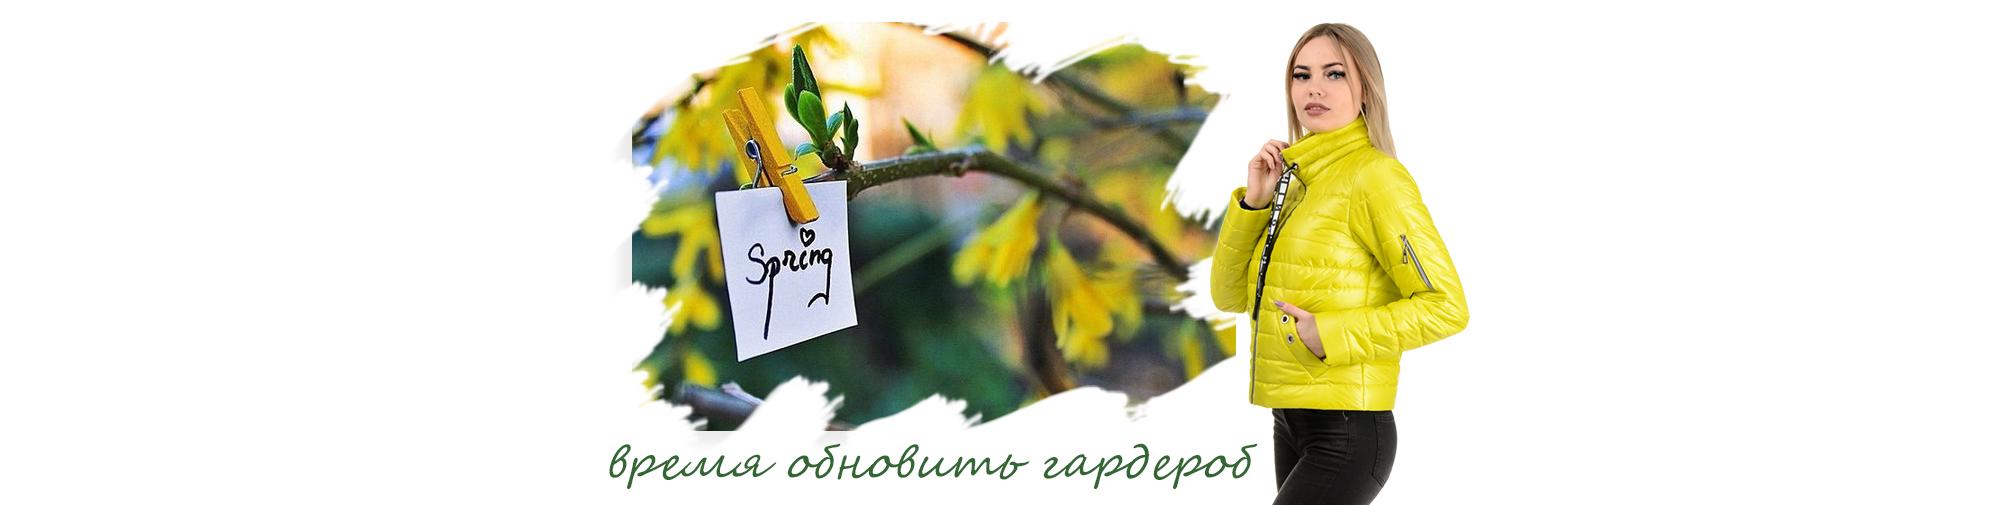 Весна 2019